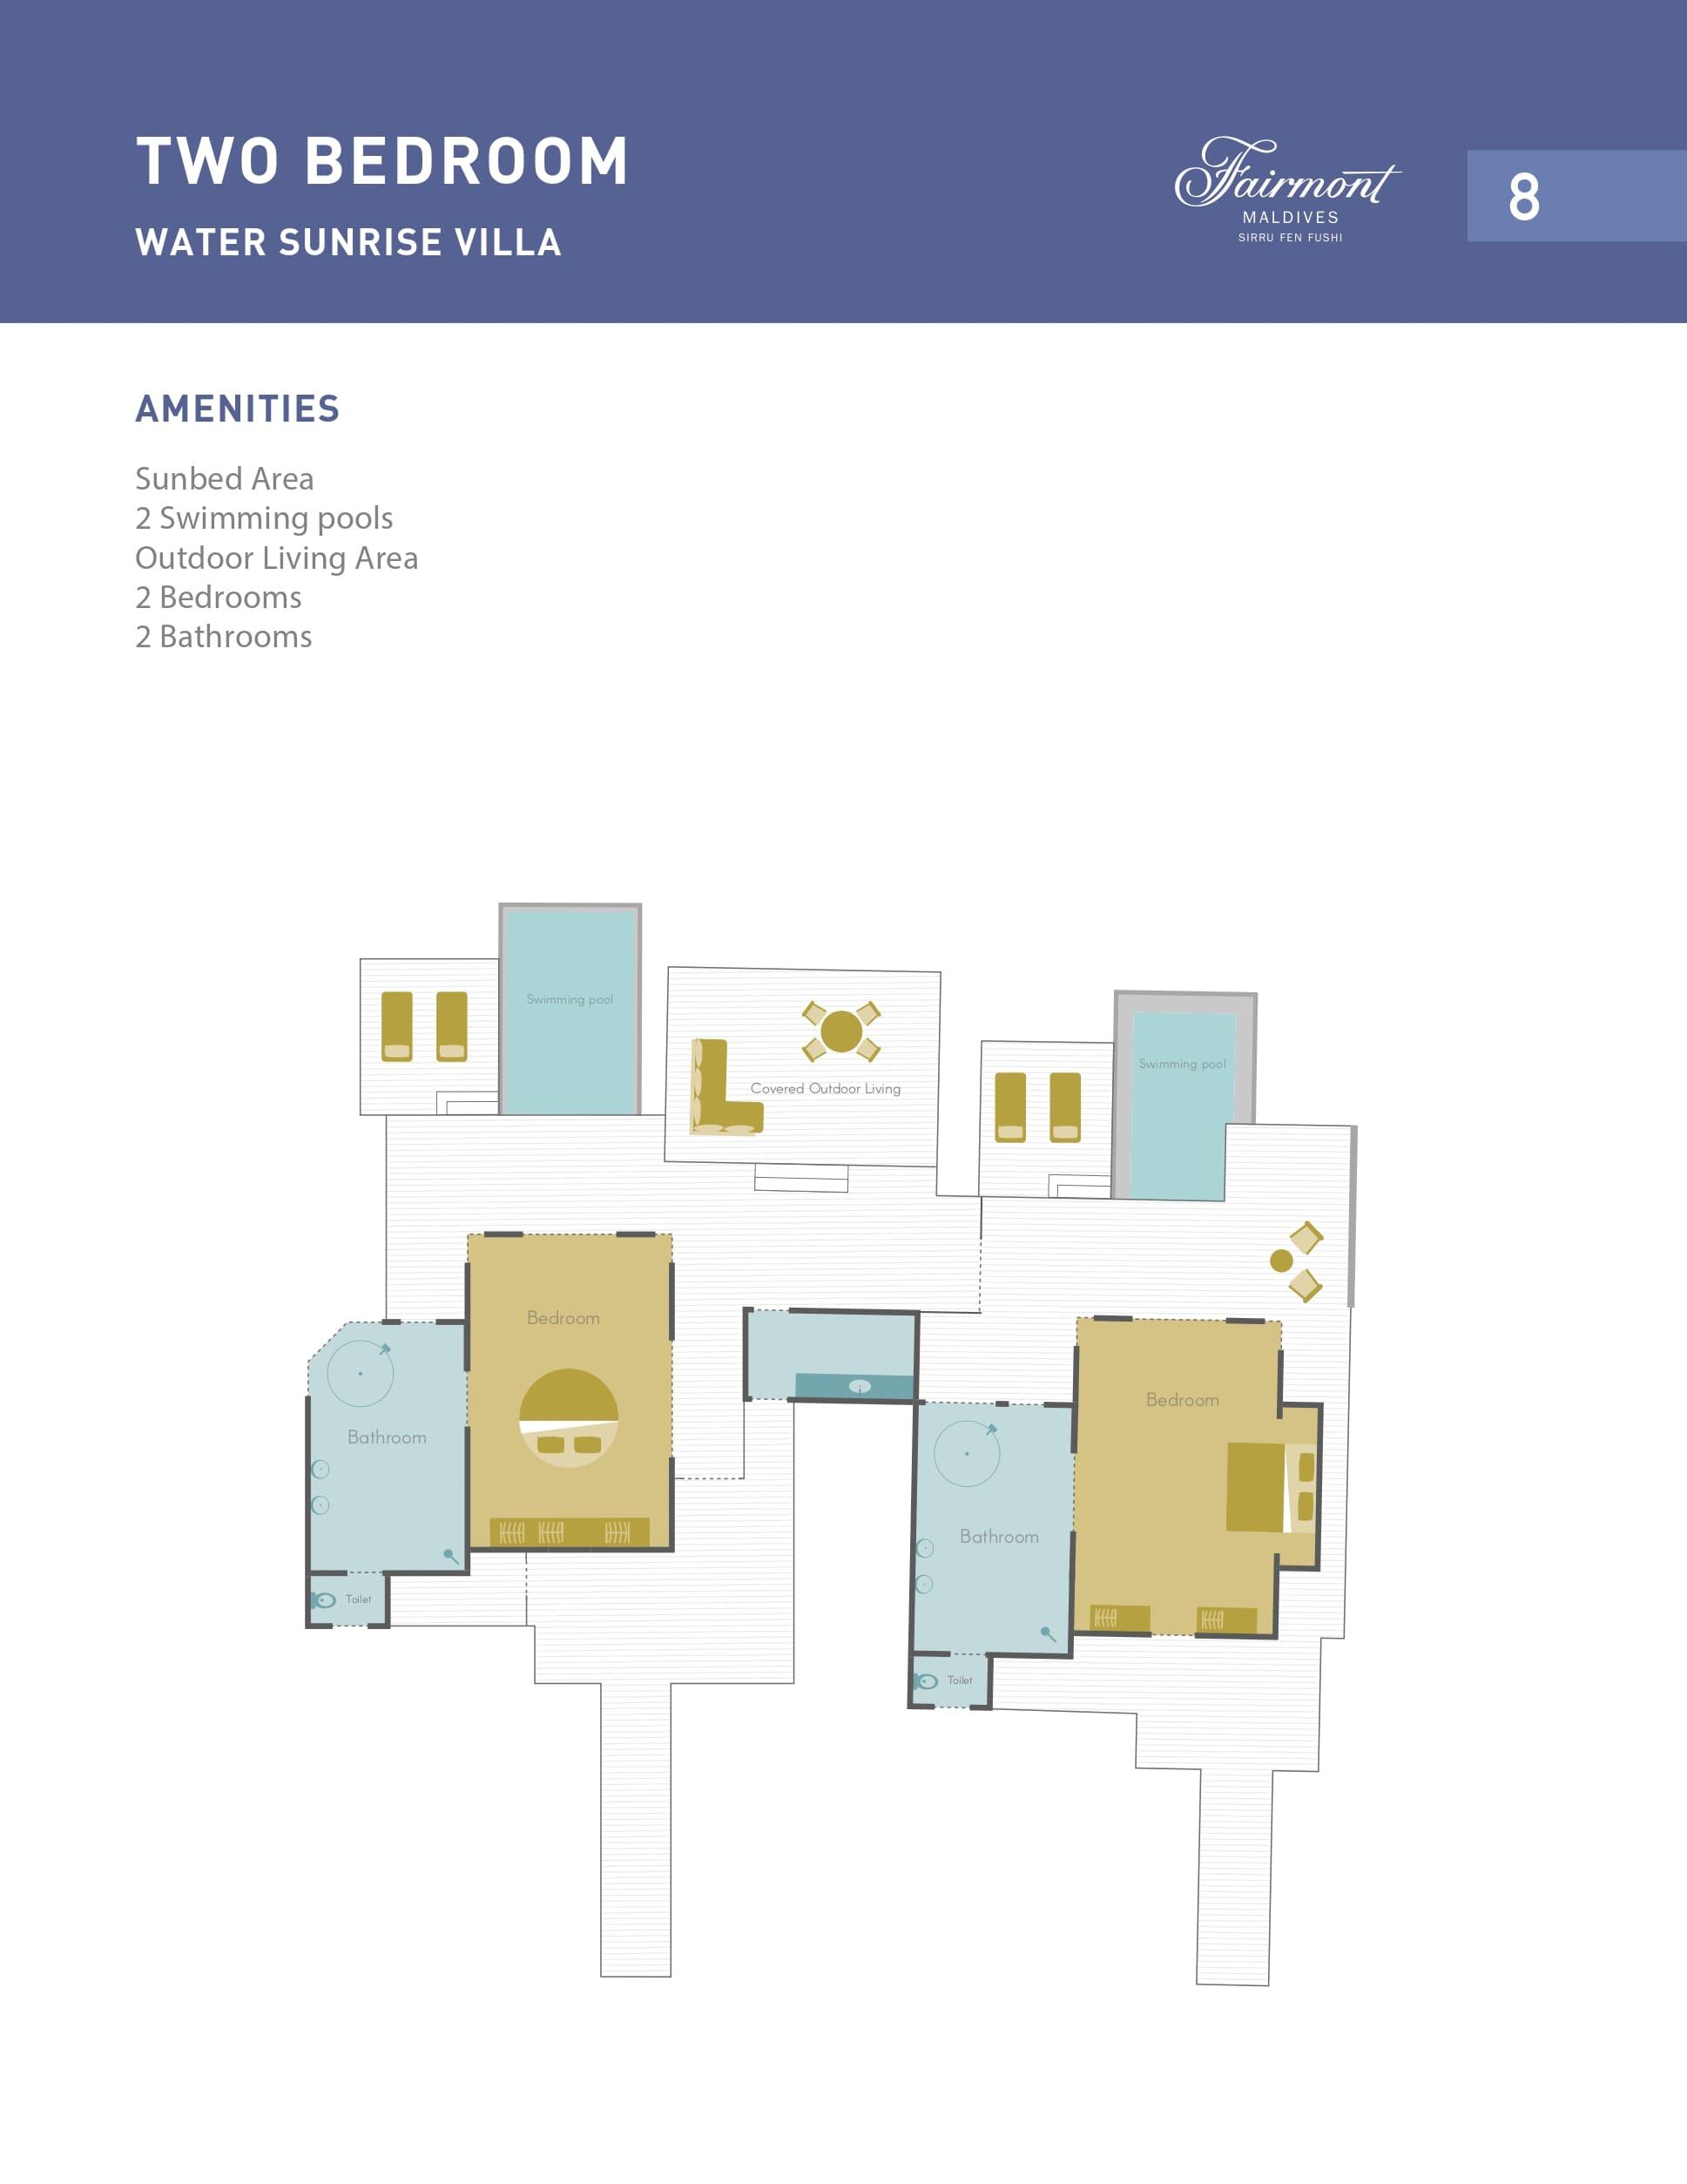 Мальдивы, отель Fairmont Maldives Sirru Fen Fushi, план-схема номера Two Bedroom Water Villa